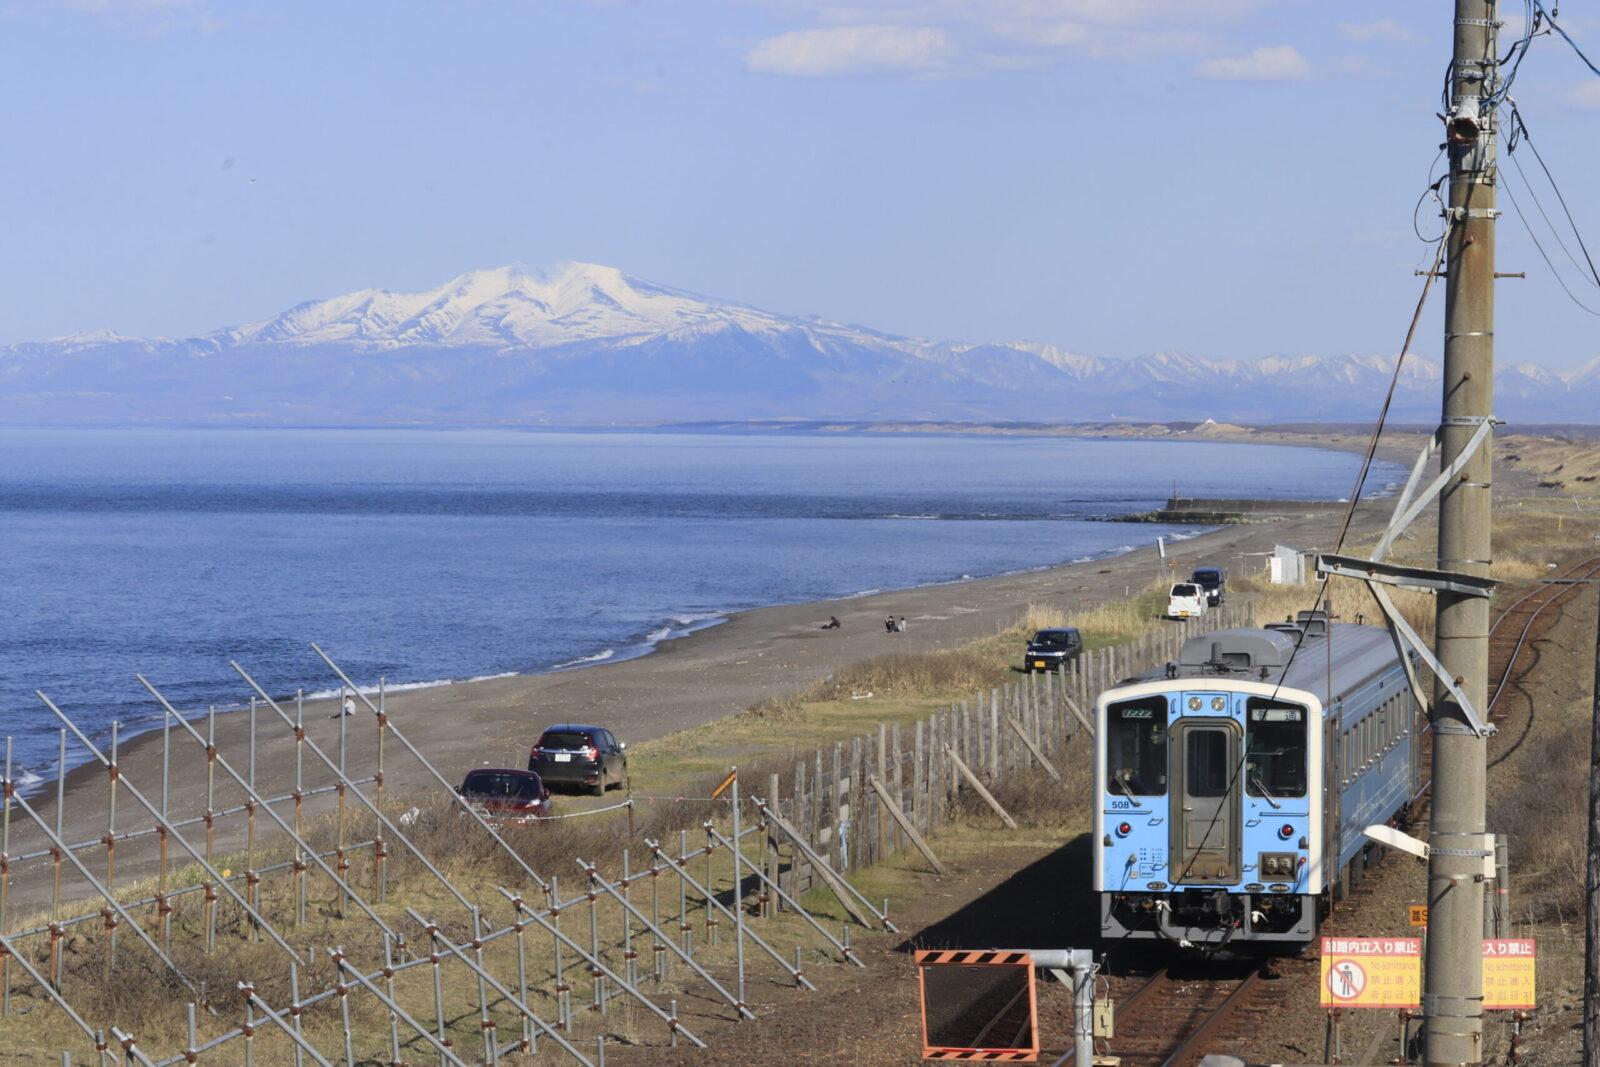 JR北海道 北浜駅からオホーツク海を眺める|釧網線撮影スポット